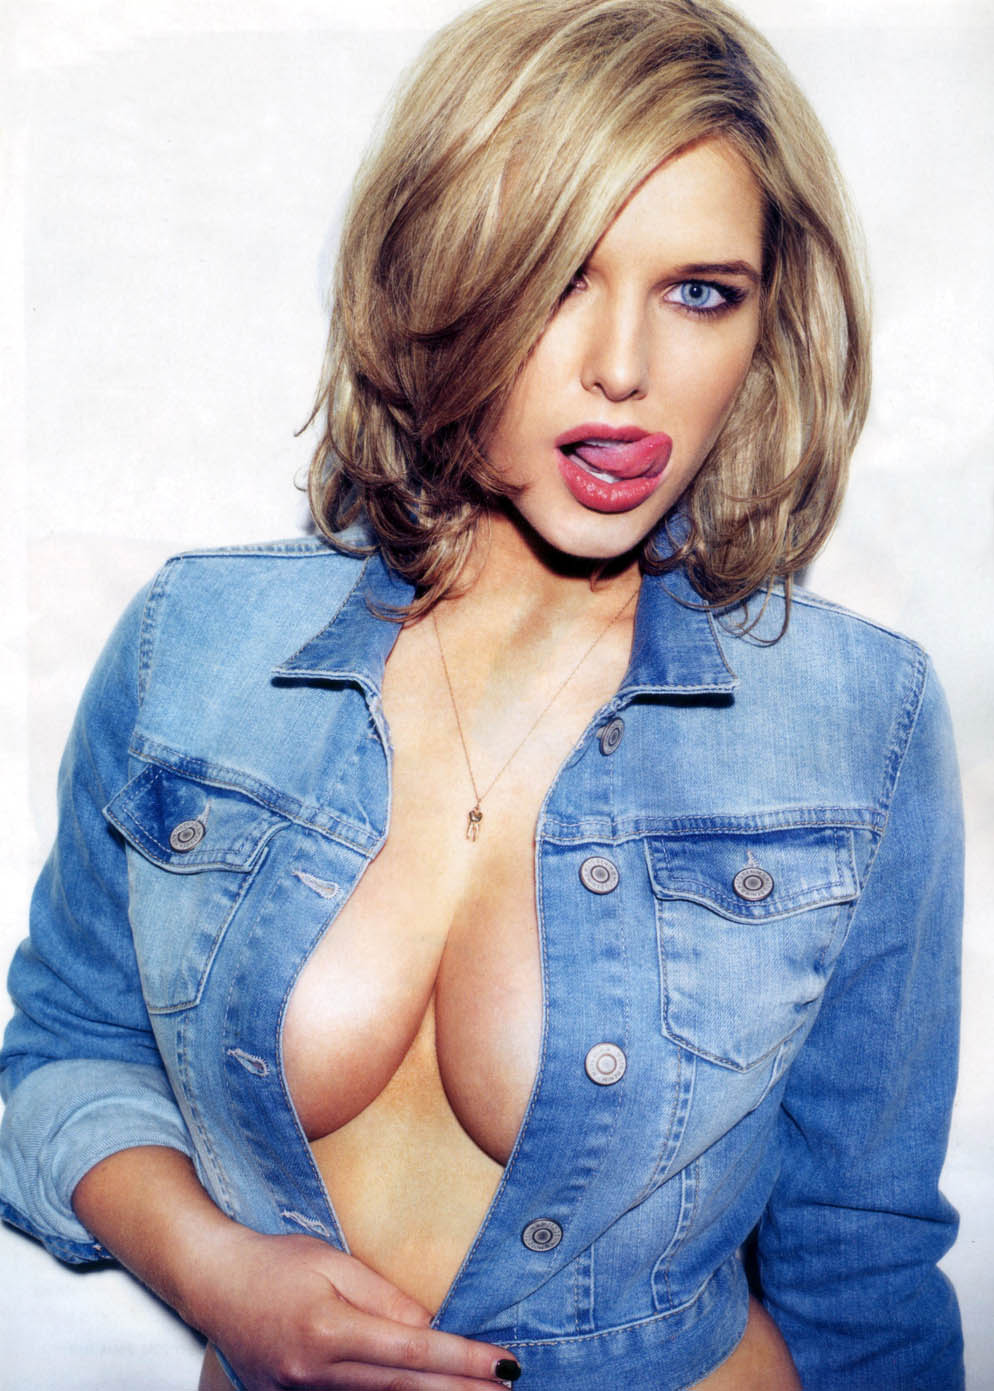 Cum in sexy boobs